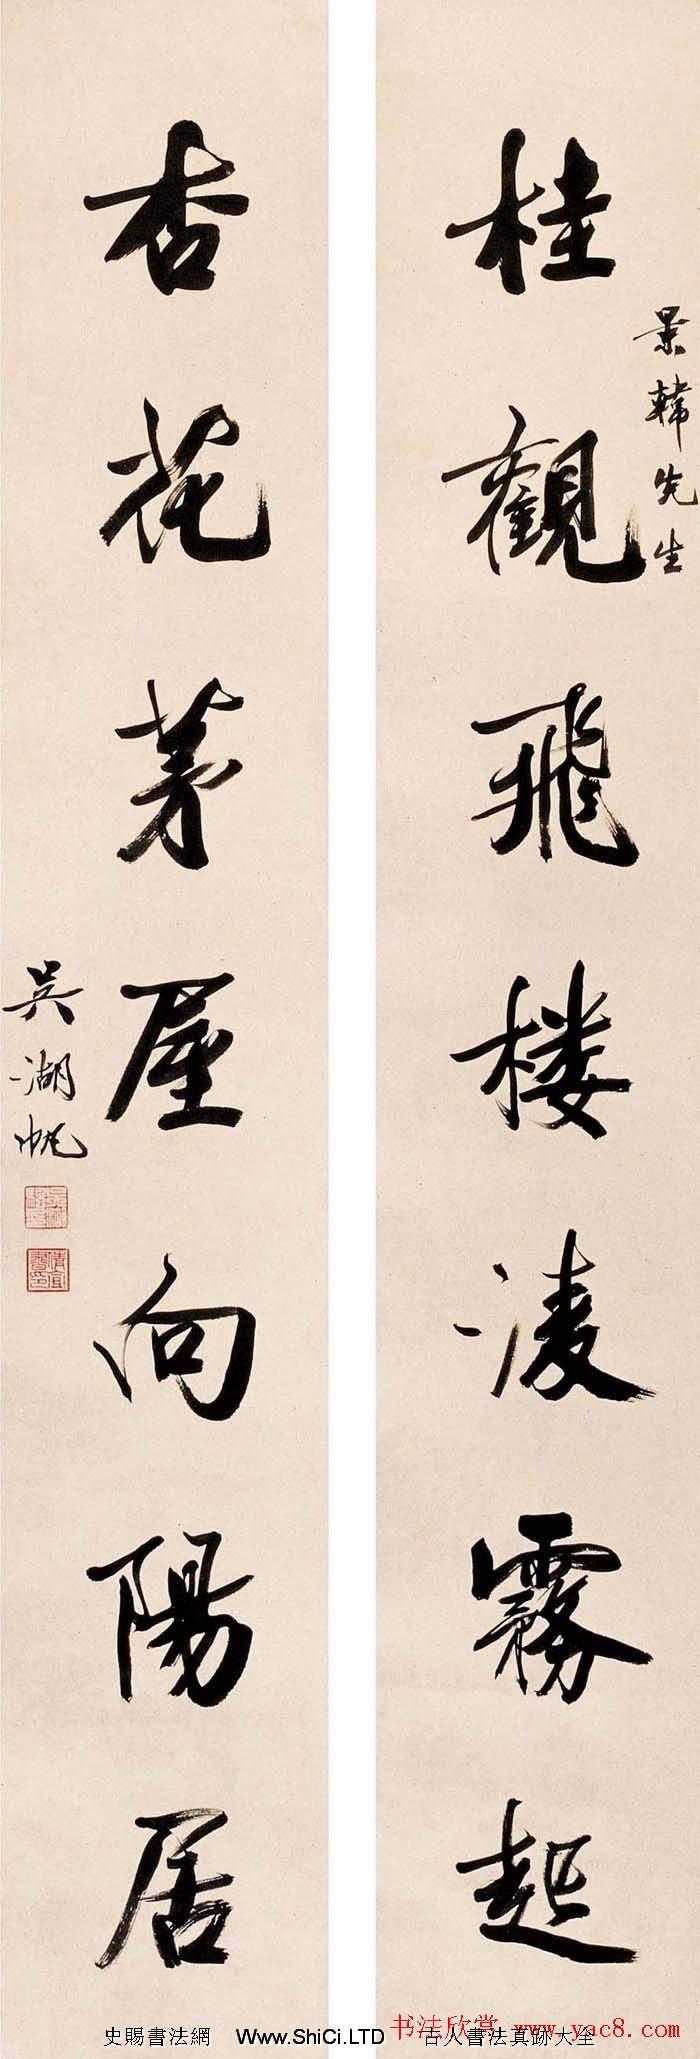 吳湖帆書法對聯作品真跡專題展(共92張圖片)